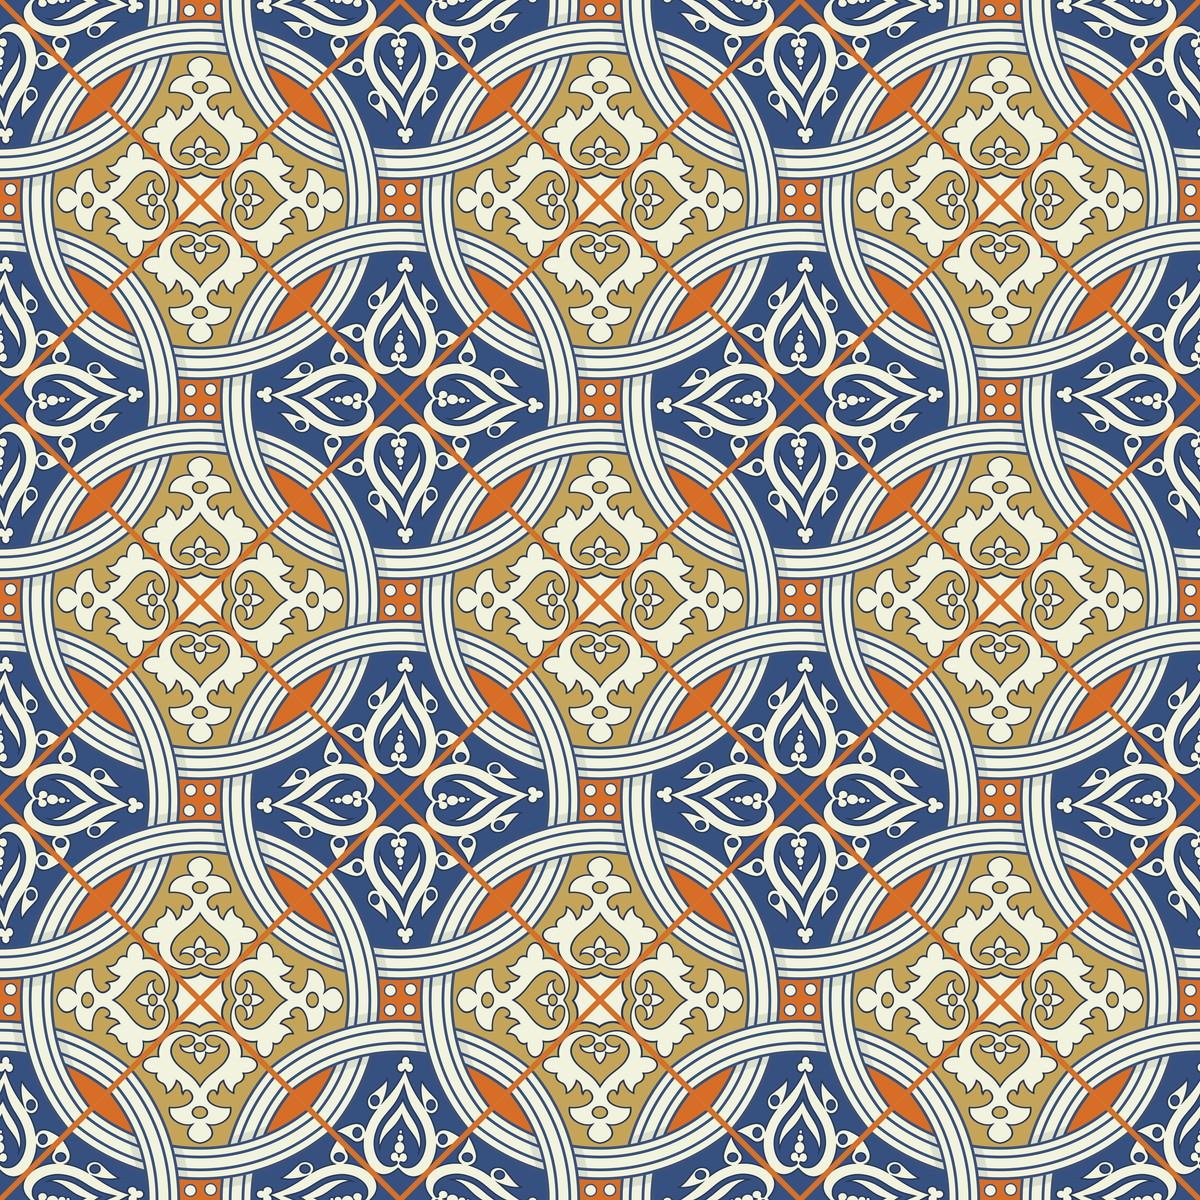 > Adesivos de Parede > adesivos para azulejo frete grátis #A46127 1200x1200 Banheiro Azulejo Ou Pintura